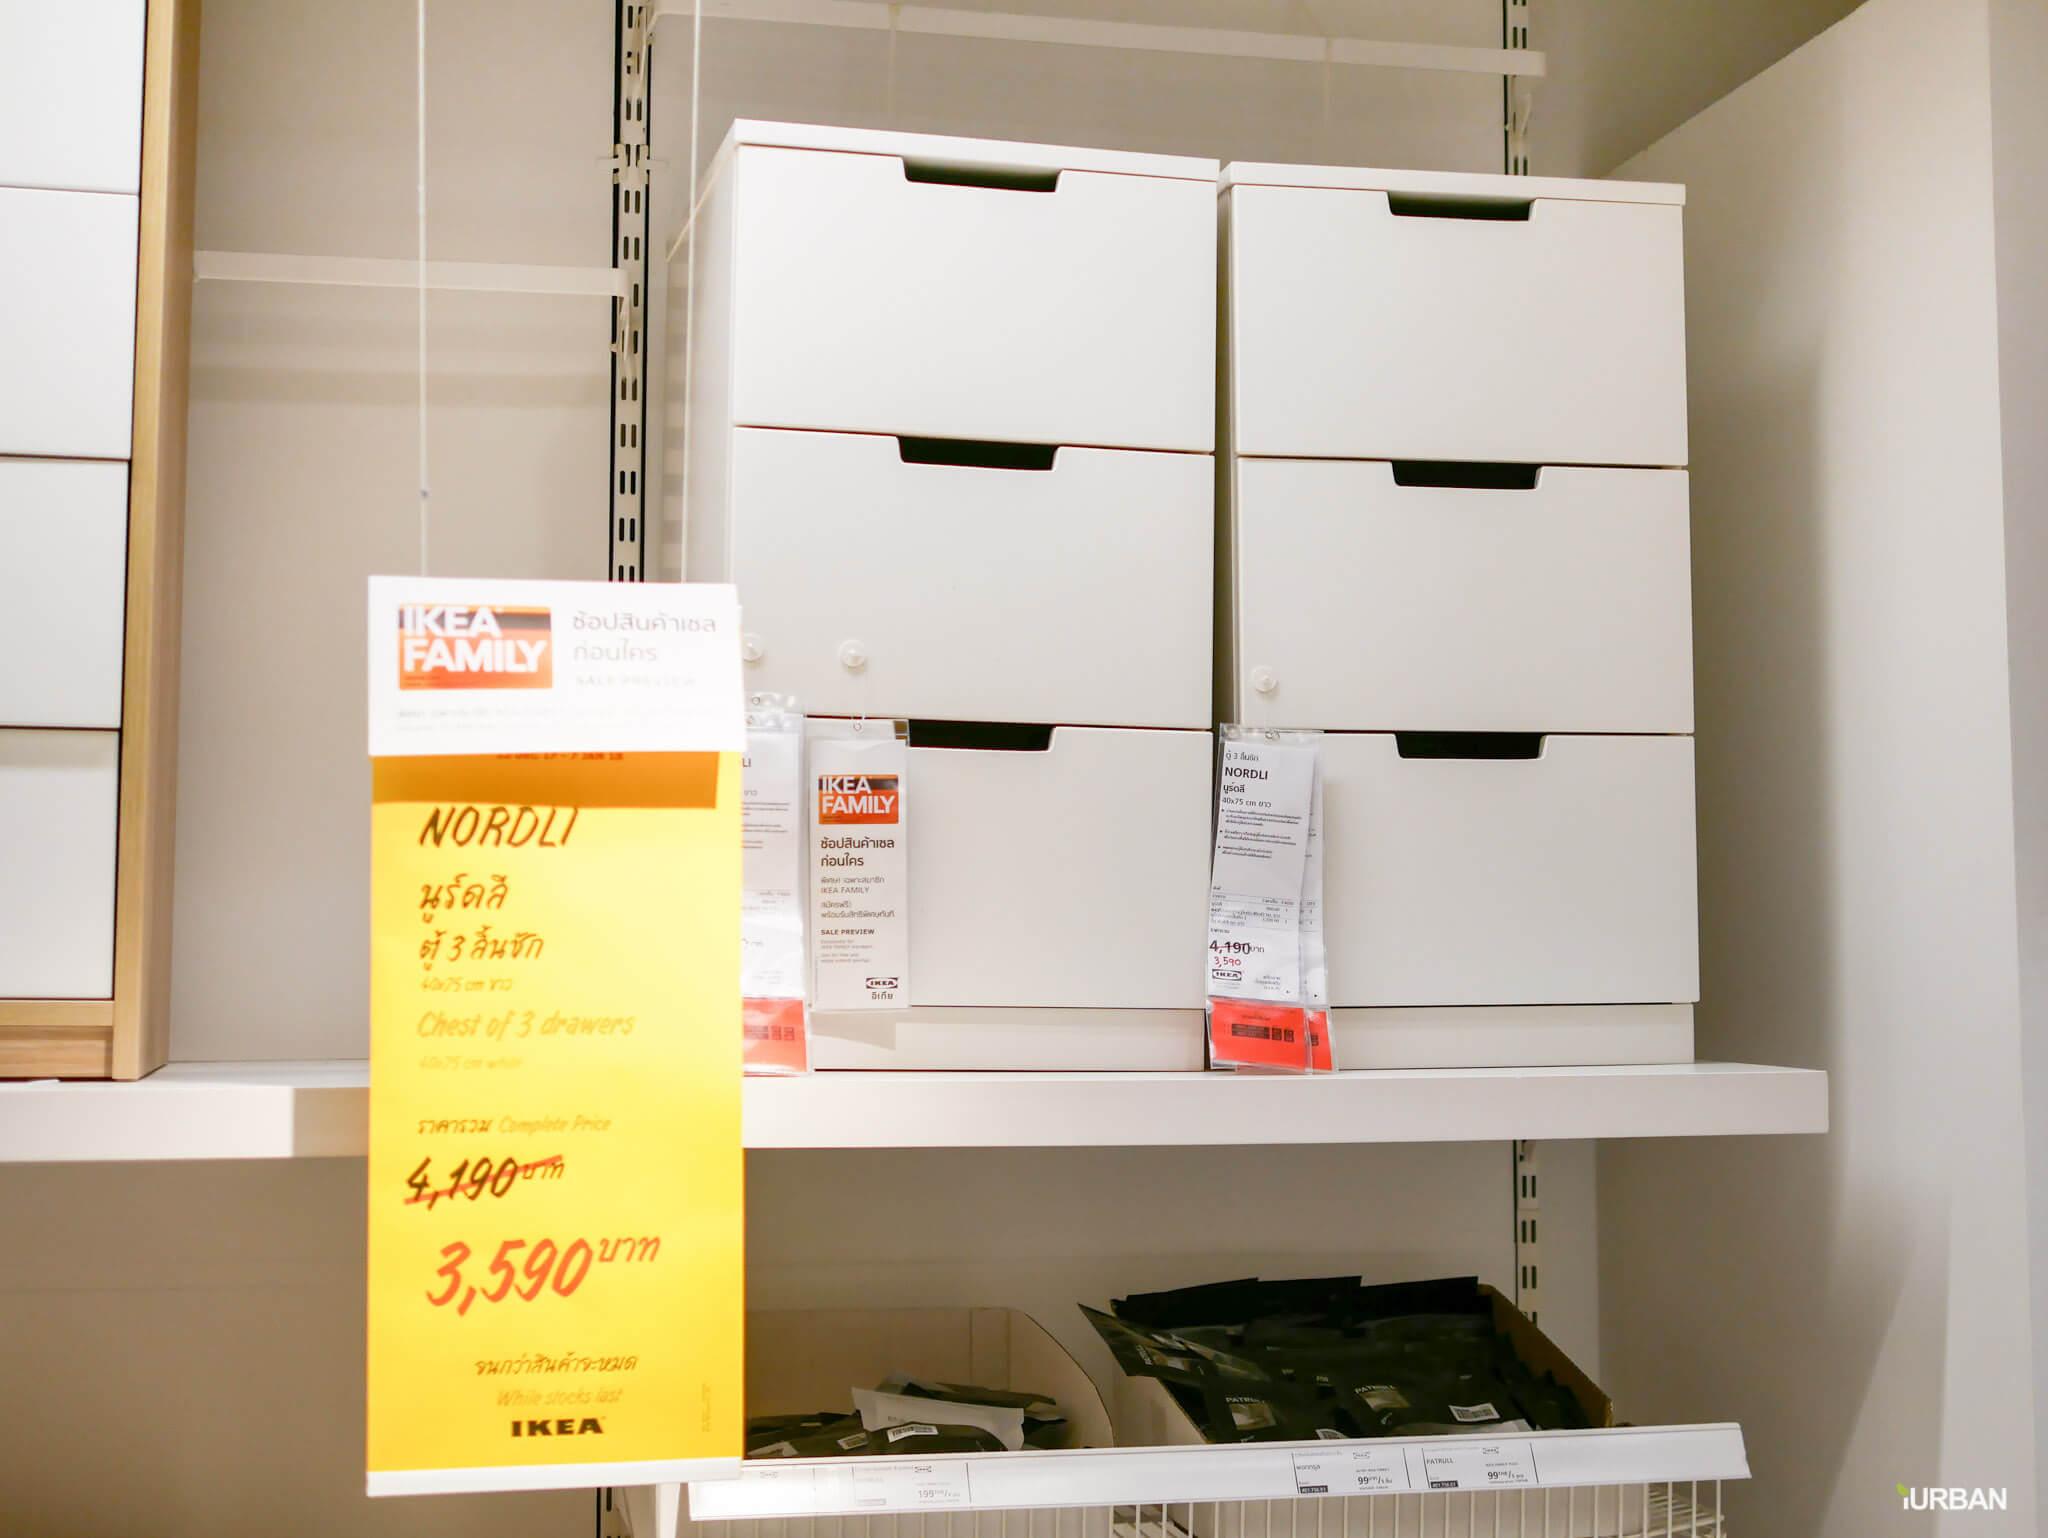 มันเยอะมากกกก!! IKEA Year End SALE 2017 รวมของเซลในอิเกีย ลดเยอะ ลดแหลก รีบพุ่งตัวไป วันนี้ - 7 มกราคม 61 81 - IKEA (อิเกีย)